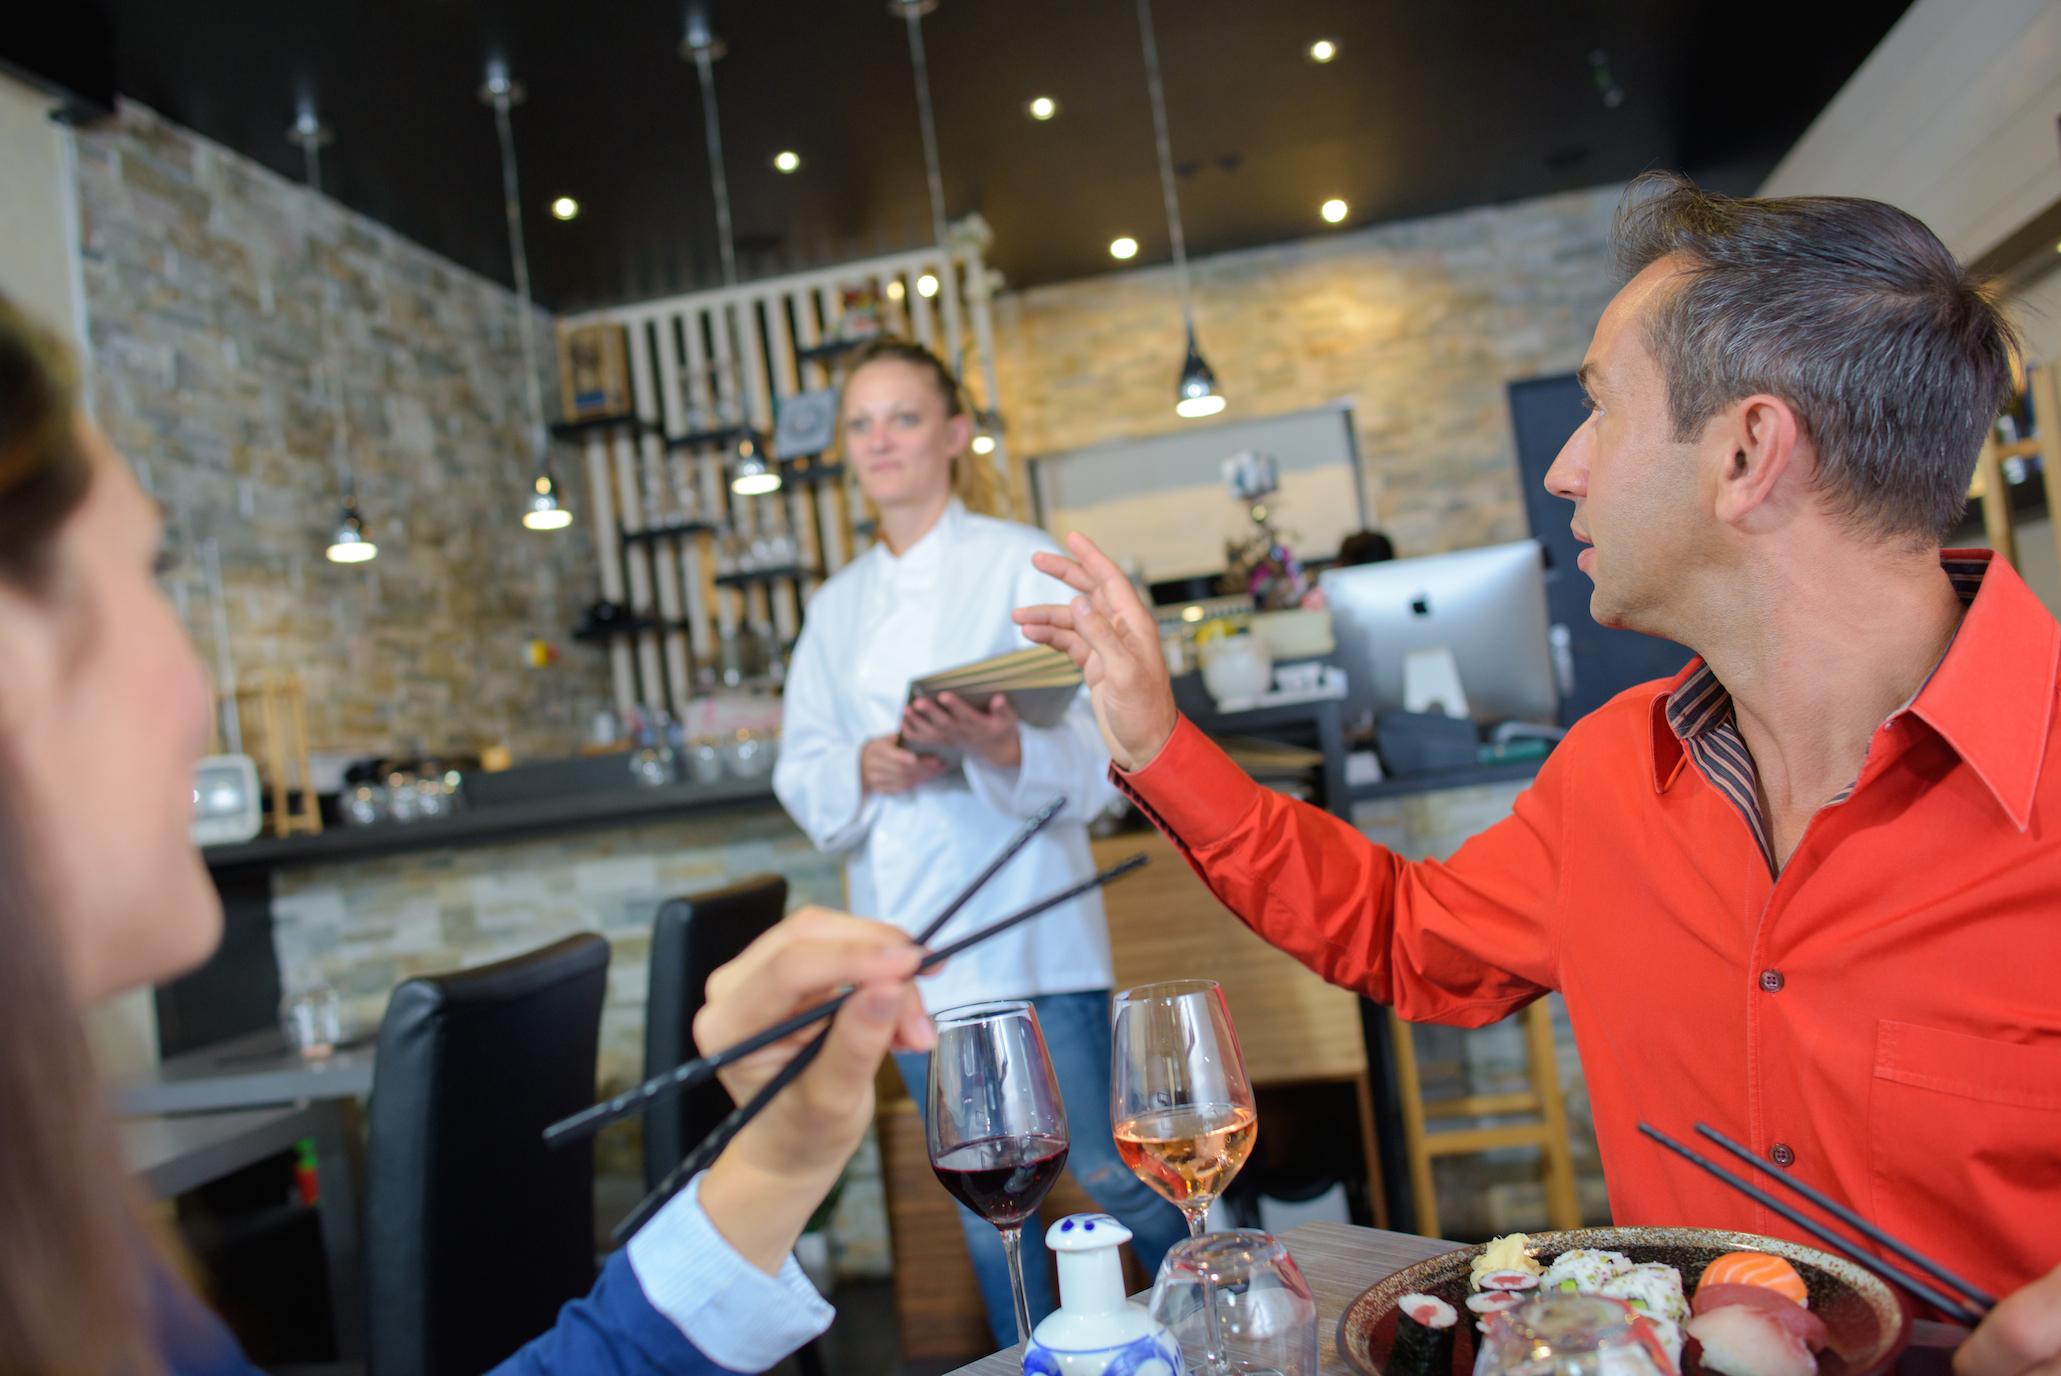 NEKTET: En Restaurant I Bergen Som Drives Av En Sørlending, Nekter å Servere Utenlandske Turister Av Frykt For Coronasmitte. Foto: Illustrasjonsbilde Av Phovoir/ Colourbox.